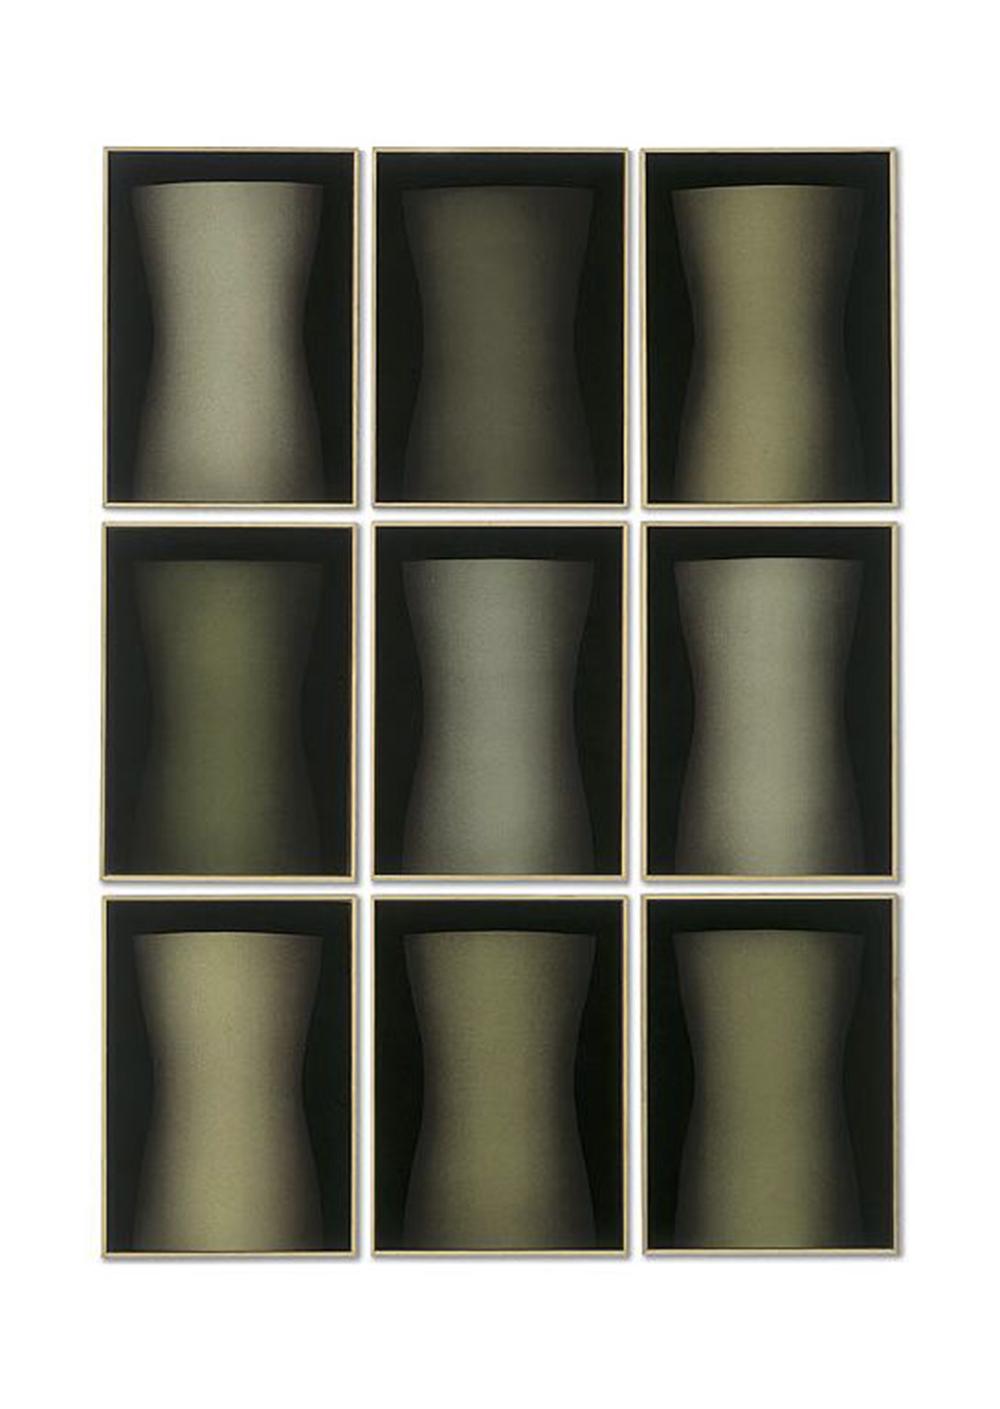 Senza titolo, 1994, tecnica mista su tavola, polittico composto da 9 elementi di cm 122,5x102 ciasc.